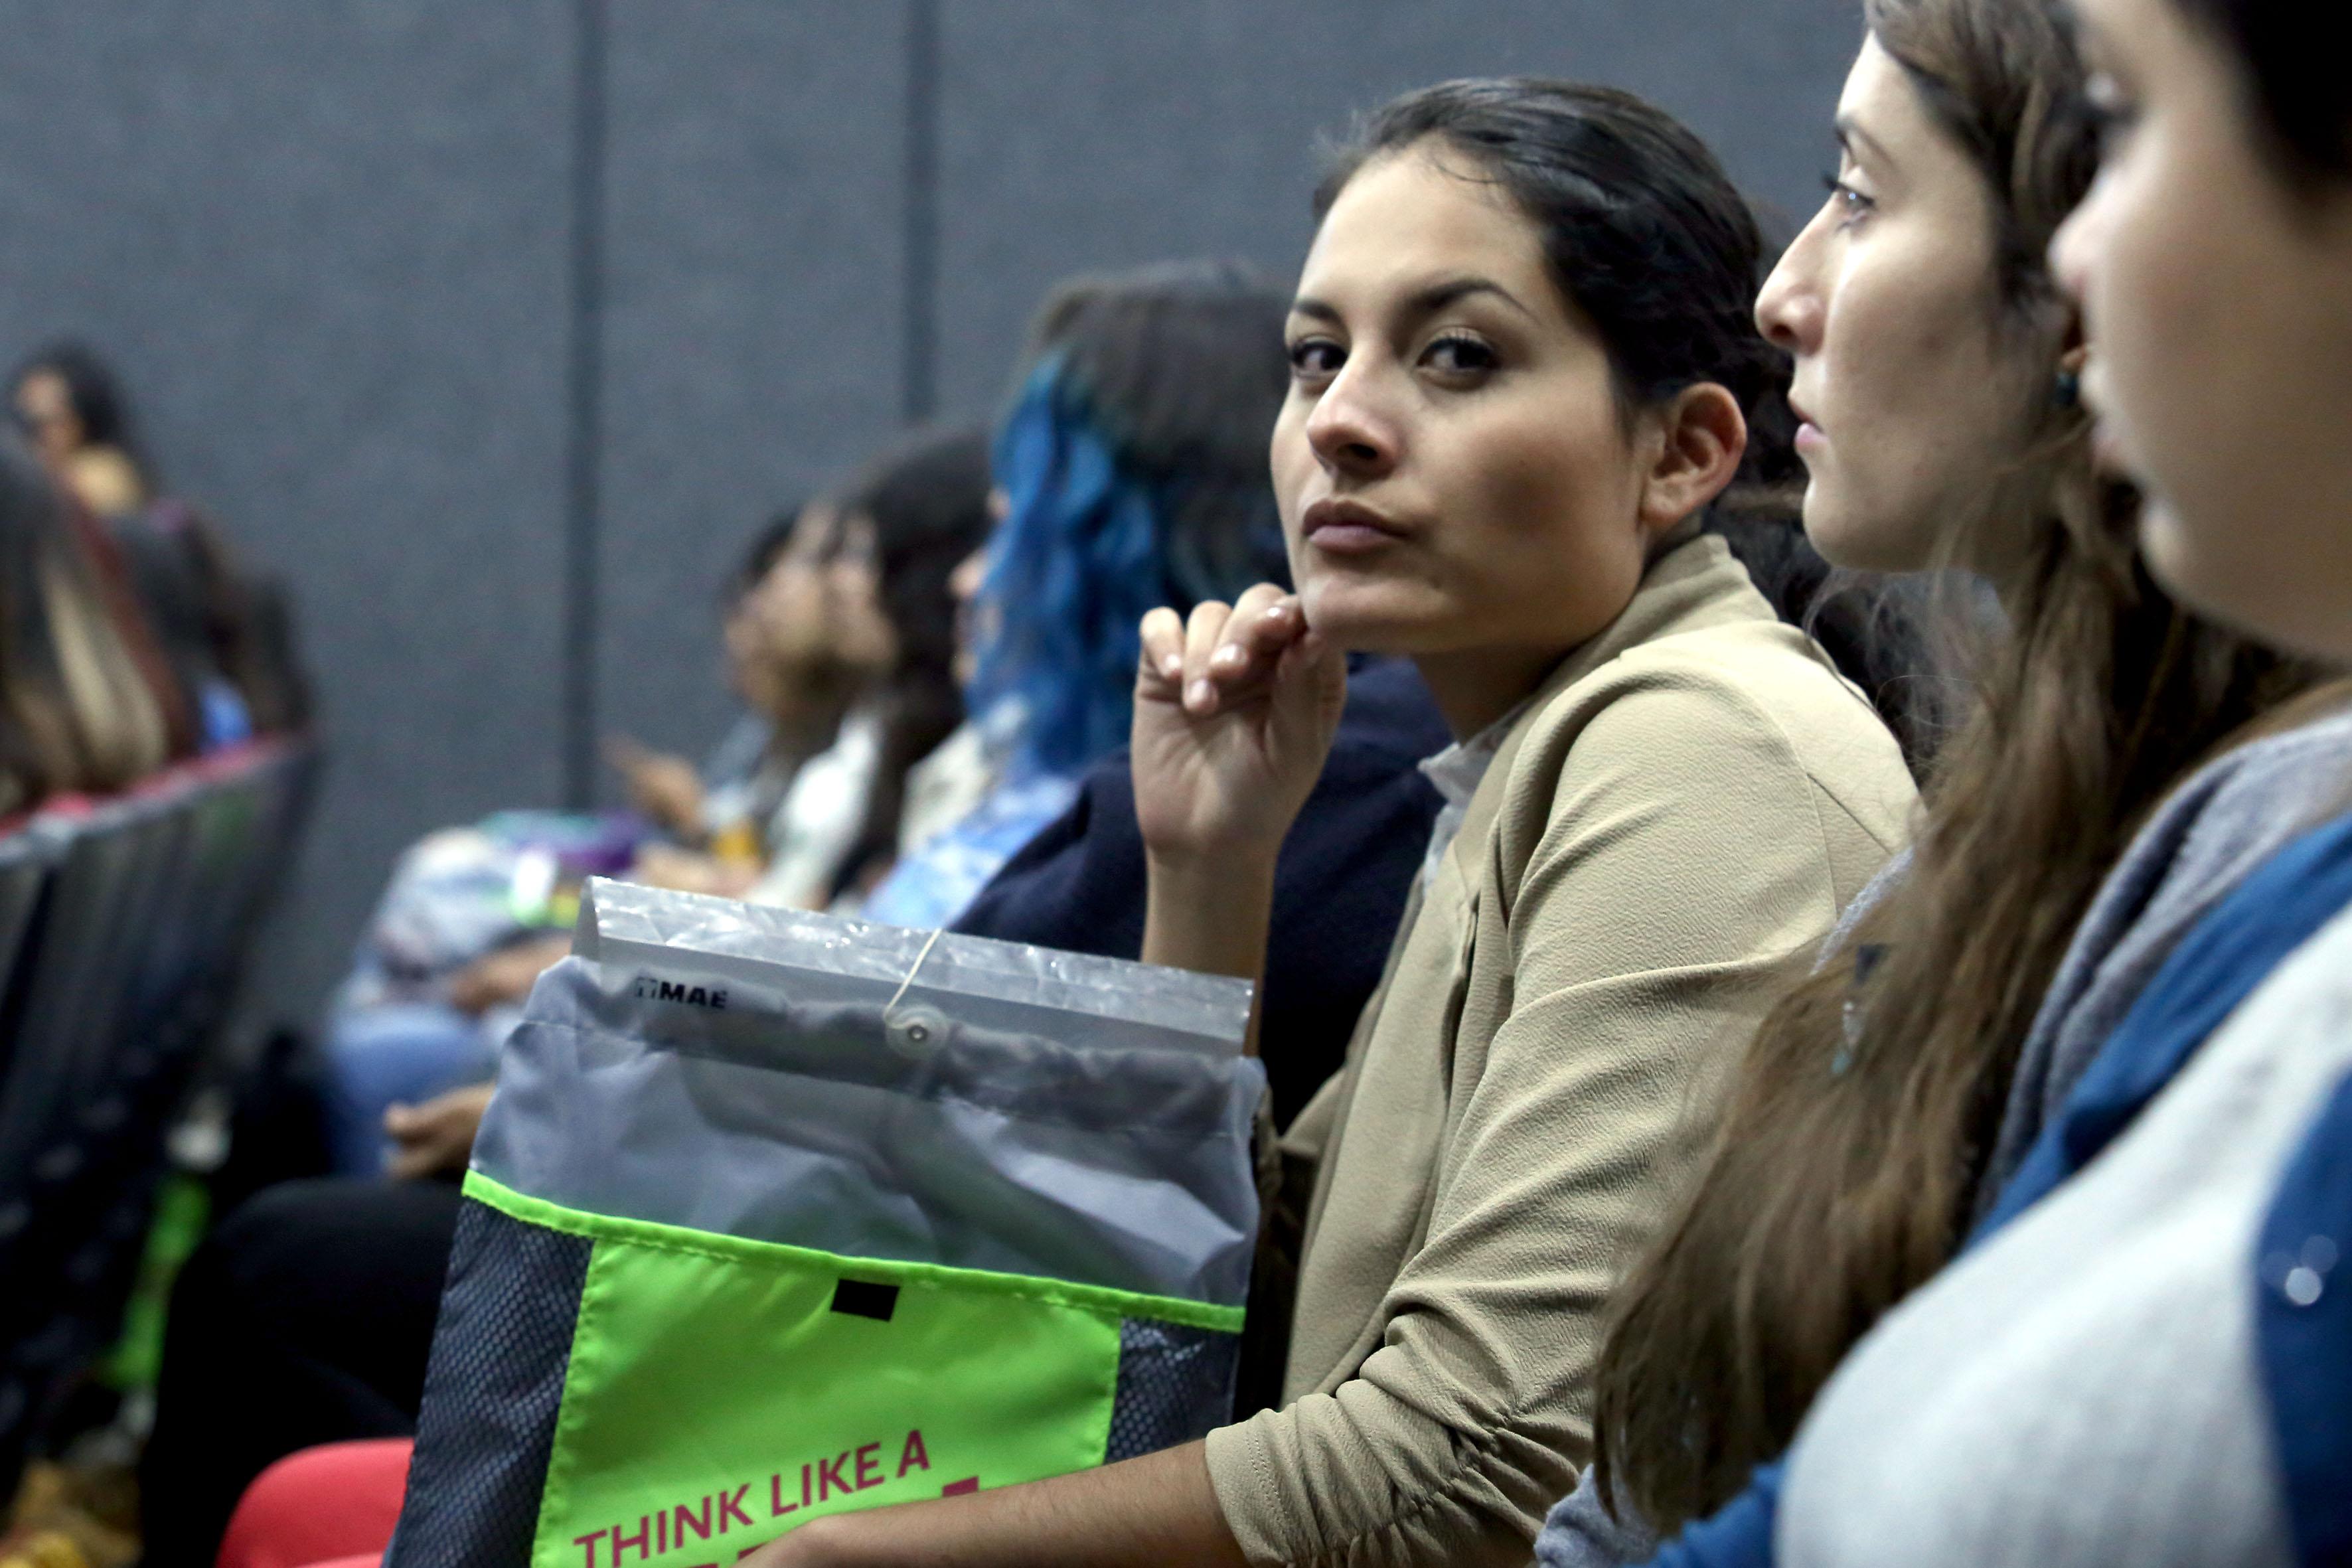 Mujeres estudiantes de la Red Universitaria asistentes al evento y que buscan crear proyectos de innovación tecnológica sustentable.